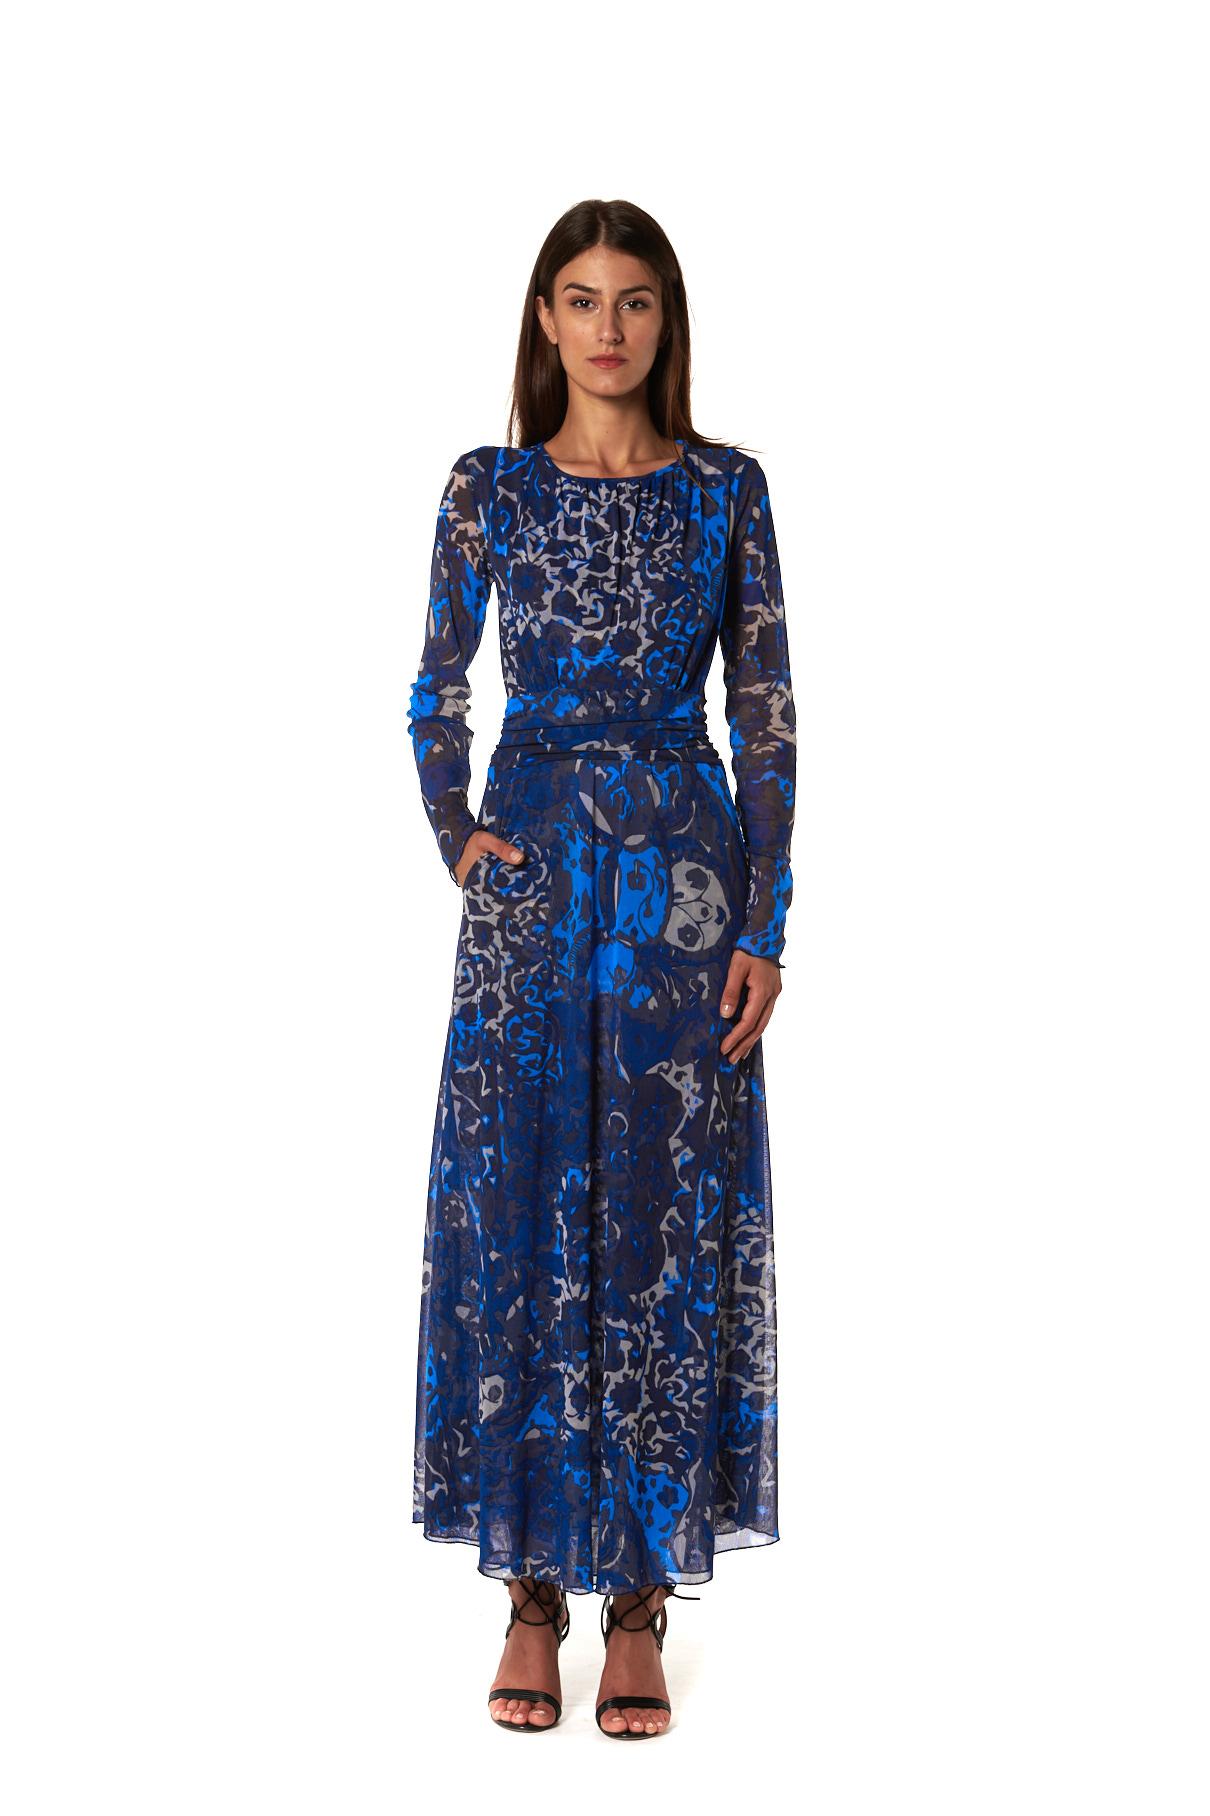 Maria Tulle Blu vestito lungo in fantasia tulle blu